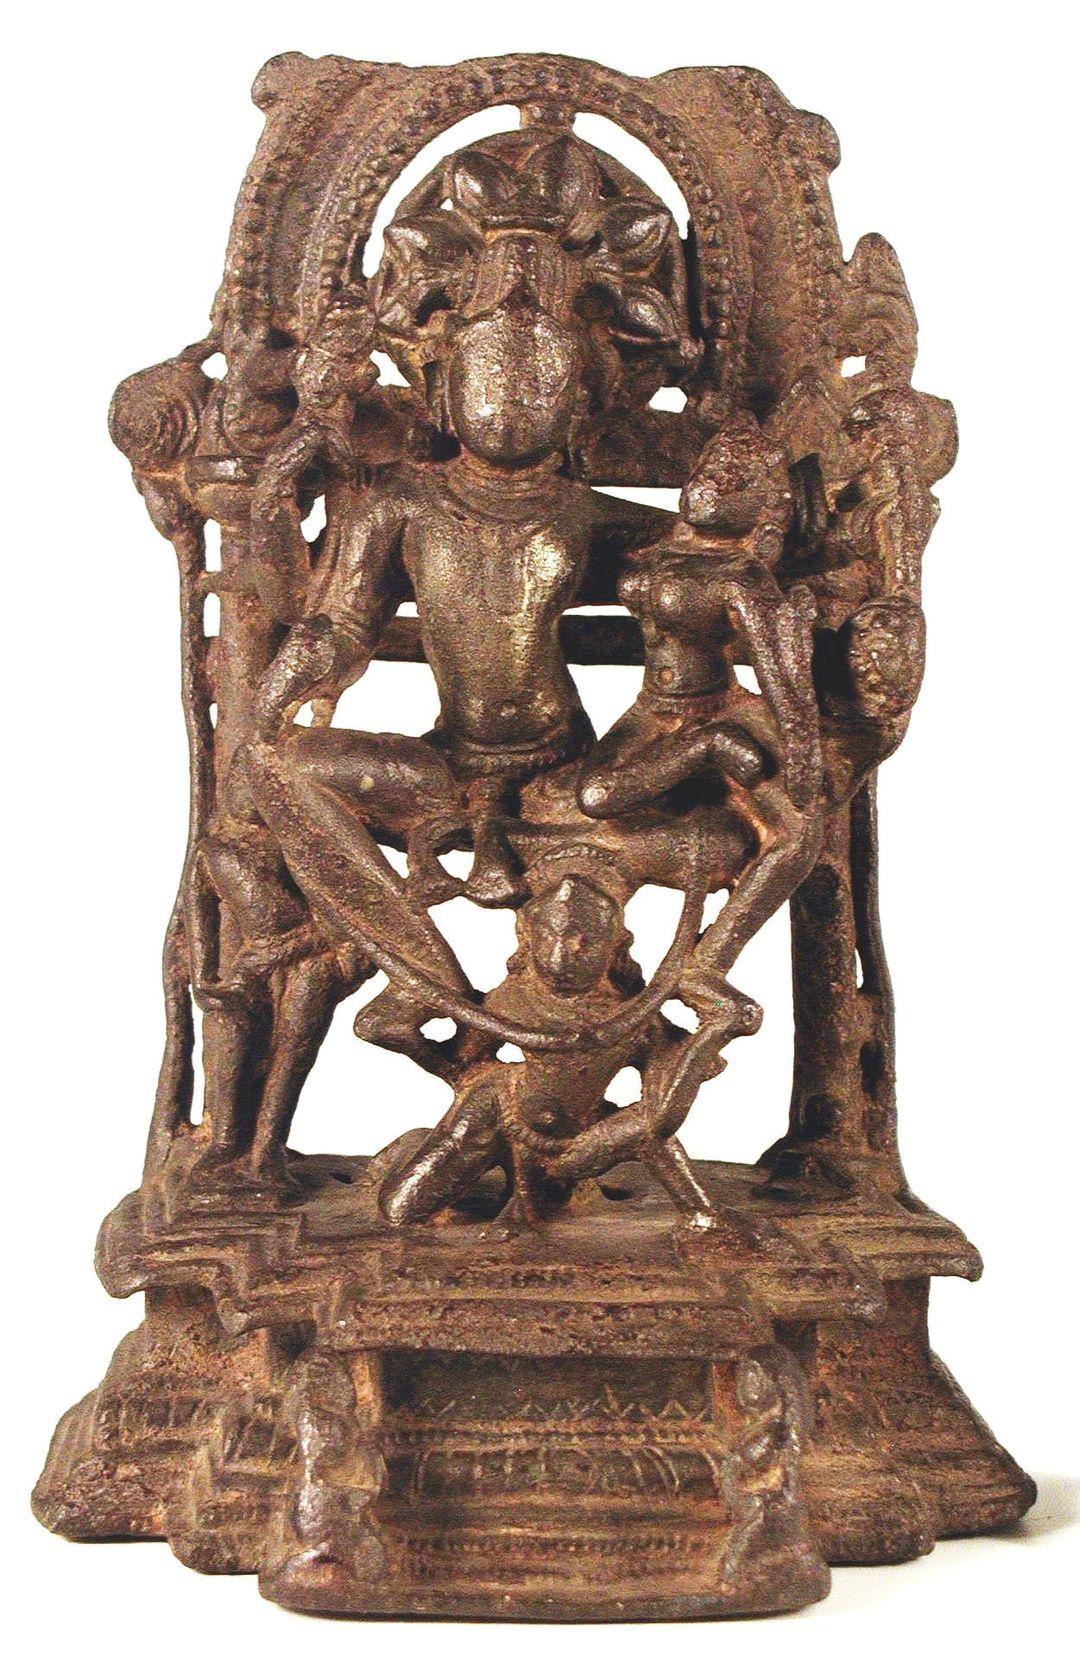 Скульптурная группа  Вишну с Лакшми на Гаруде.  13-14 век, медный сплав.  (Лакшми трогательно сидит на колене у своего мужа Вишну и является, согласно с индуистскими верованиями, его шакти, или энергией, реализует его творческую силу. Гаруда - мифический царь птиц в индуистской и в буддийской традиции, получеловек и полуптица. В индуизме ездовая птица солнечной природы (вахана) бога Вишну. )